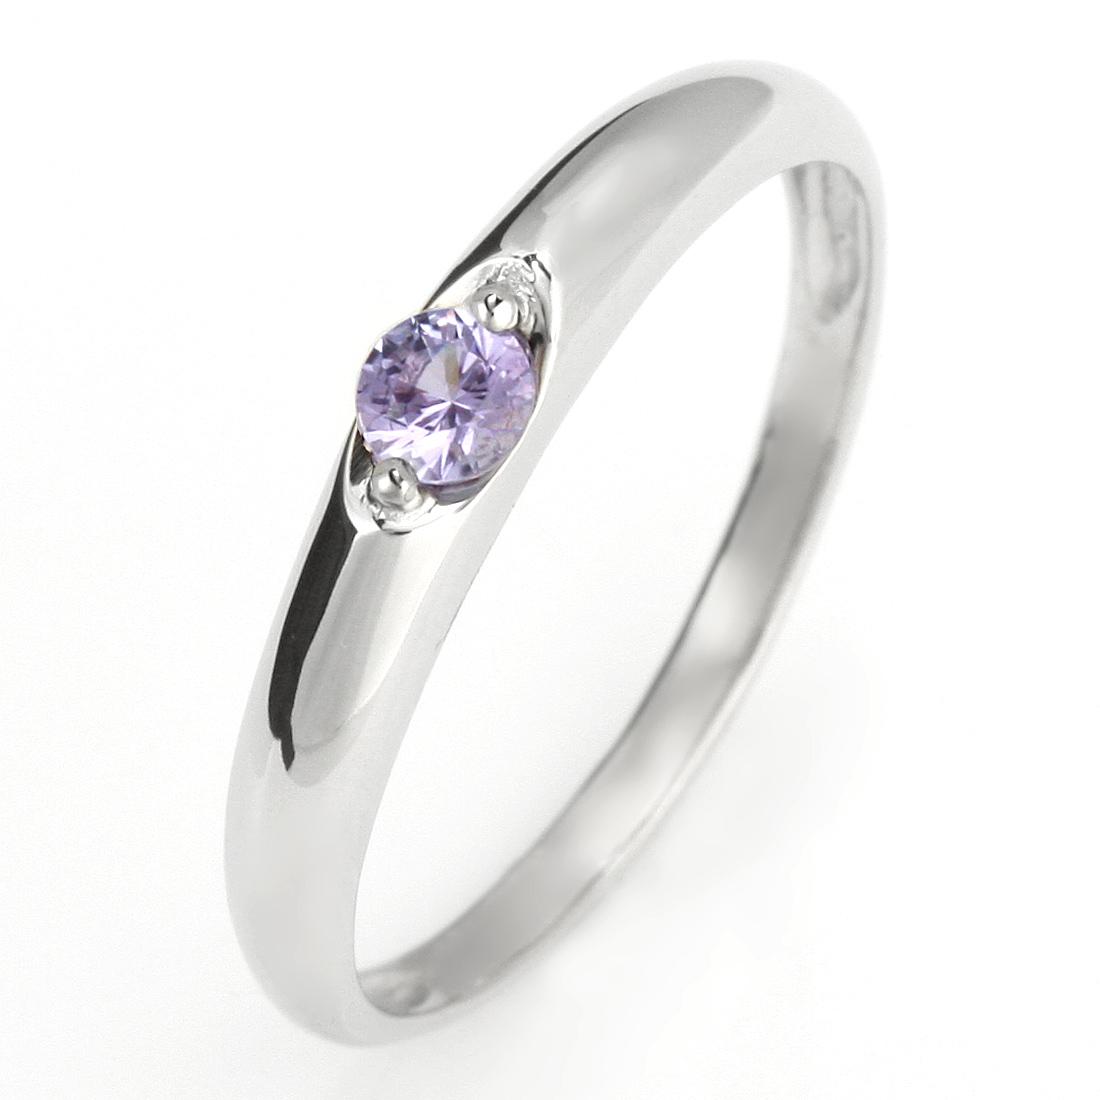 ペアリング 結婚指輪 マリッジリング プラチナ リング タンザナイト 12月 誕生石【DEAL】